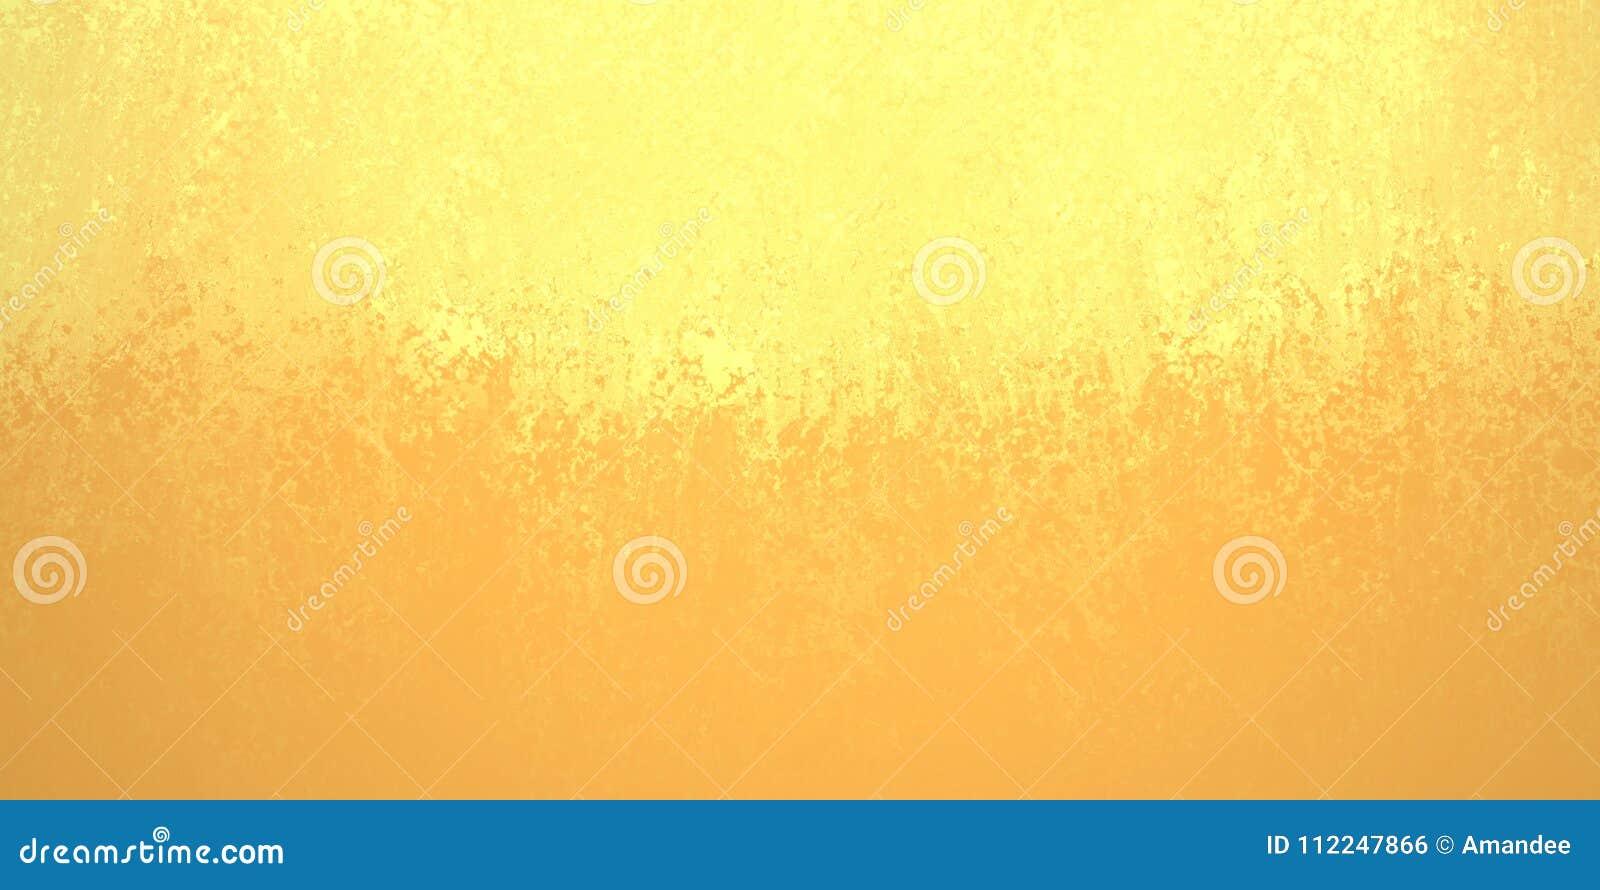 抽象金银铜合金背景设计,边界有更加黑暗的橙色颜色边缘